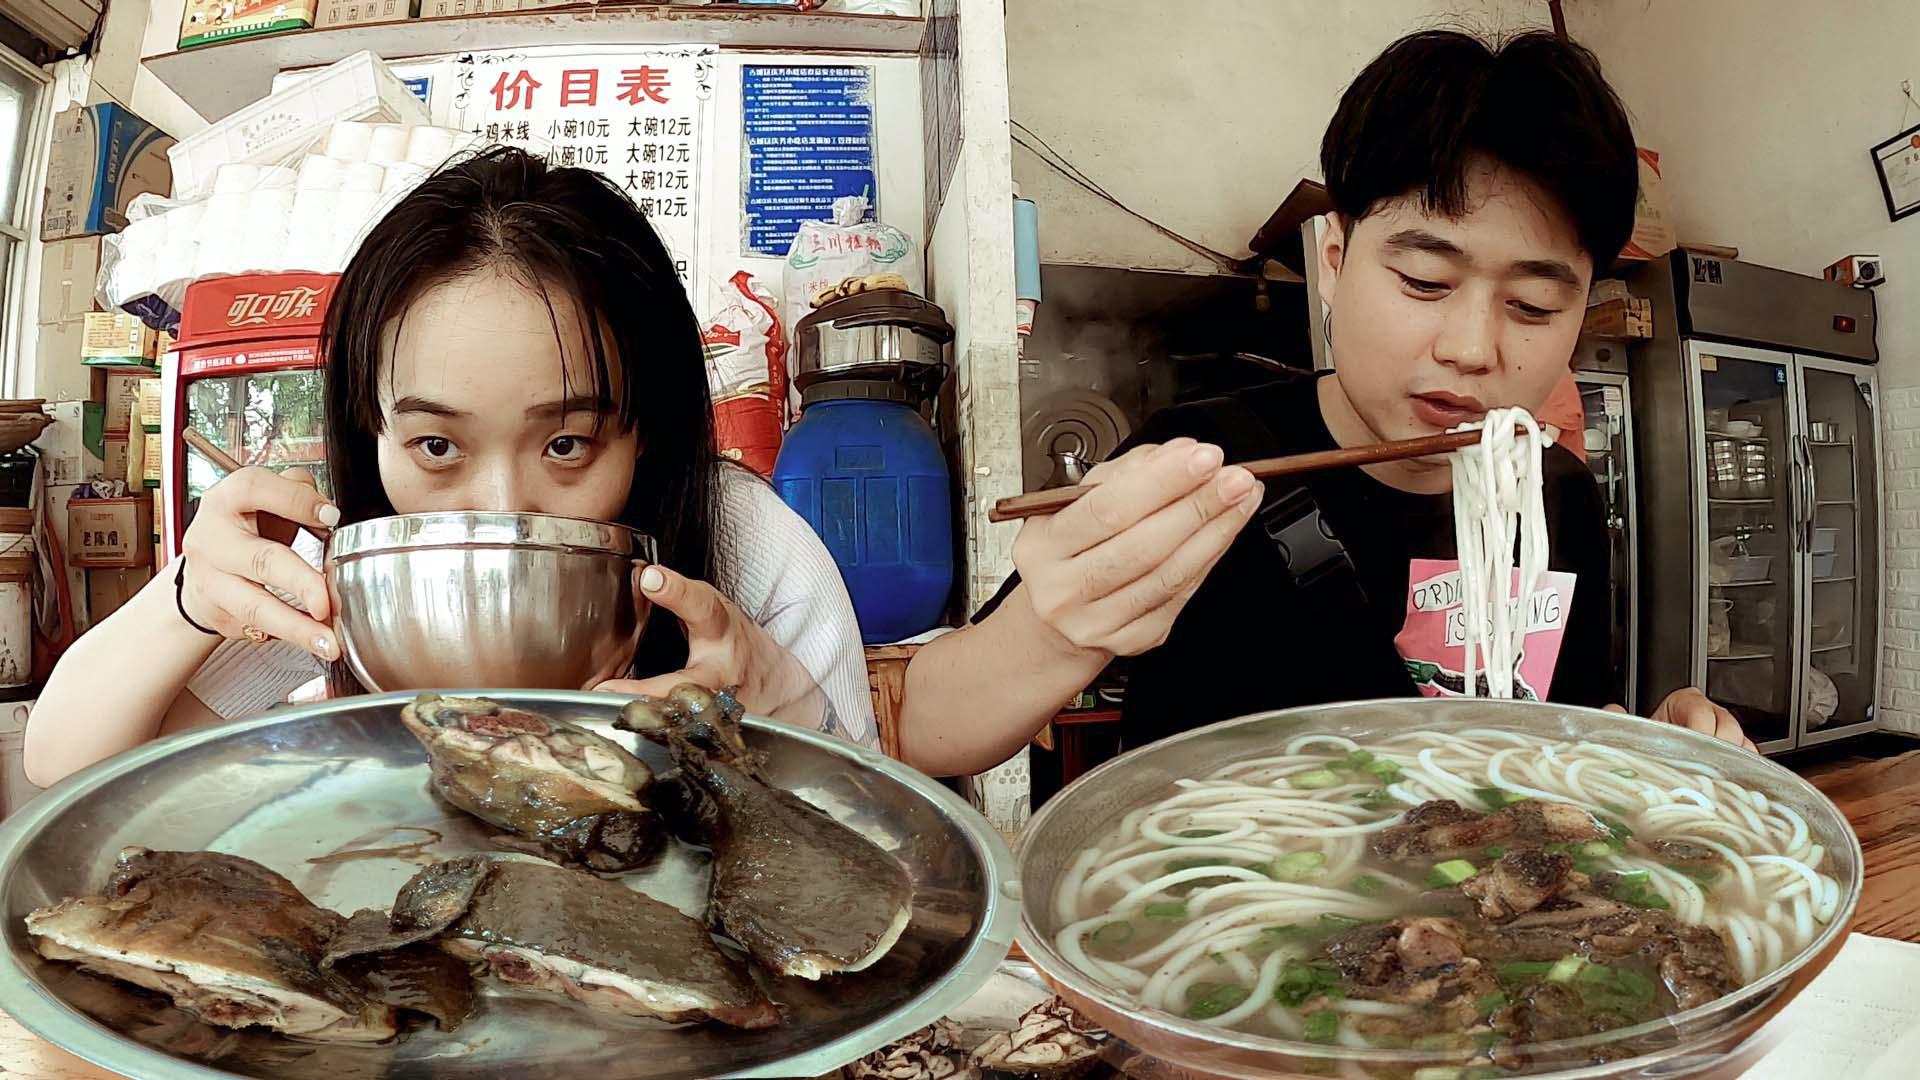 丽江特色土鸡米线,汤浓肉香一碗才10元,12元的卤鸡腿超香